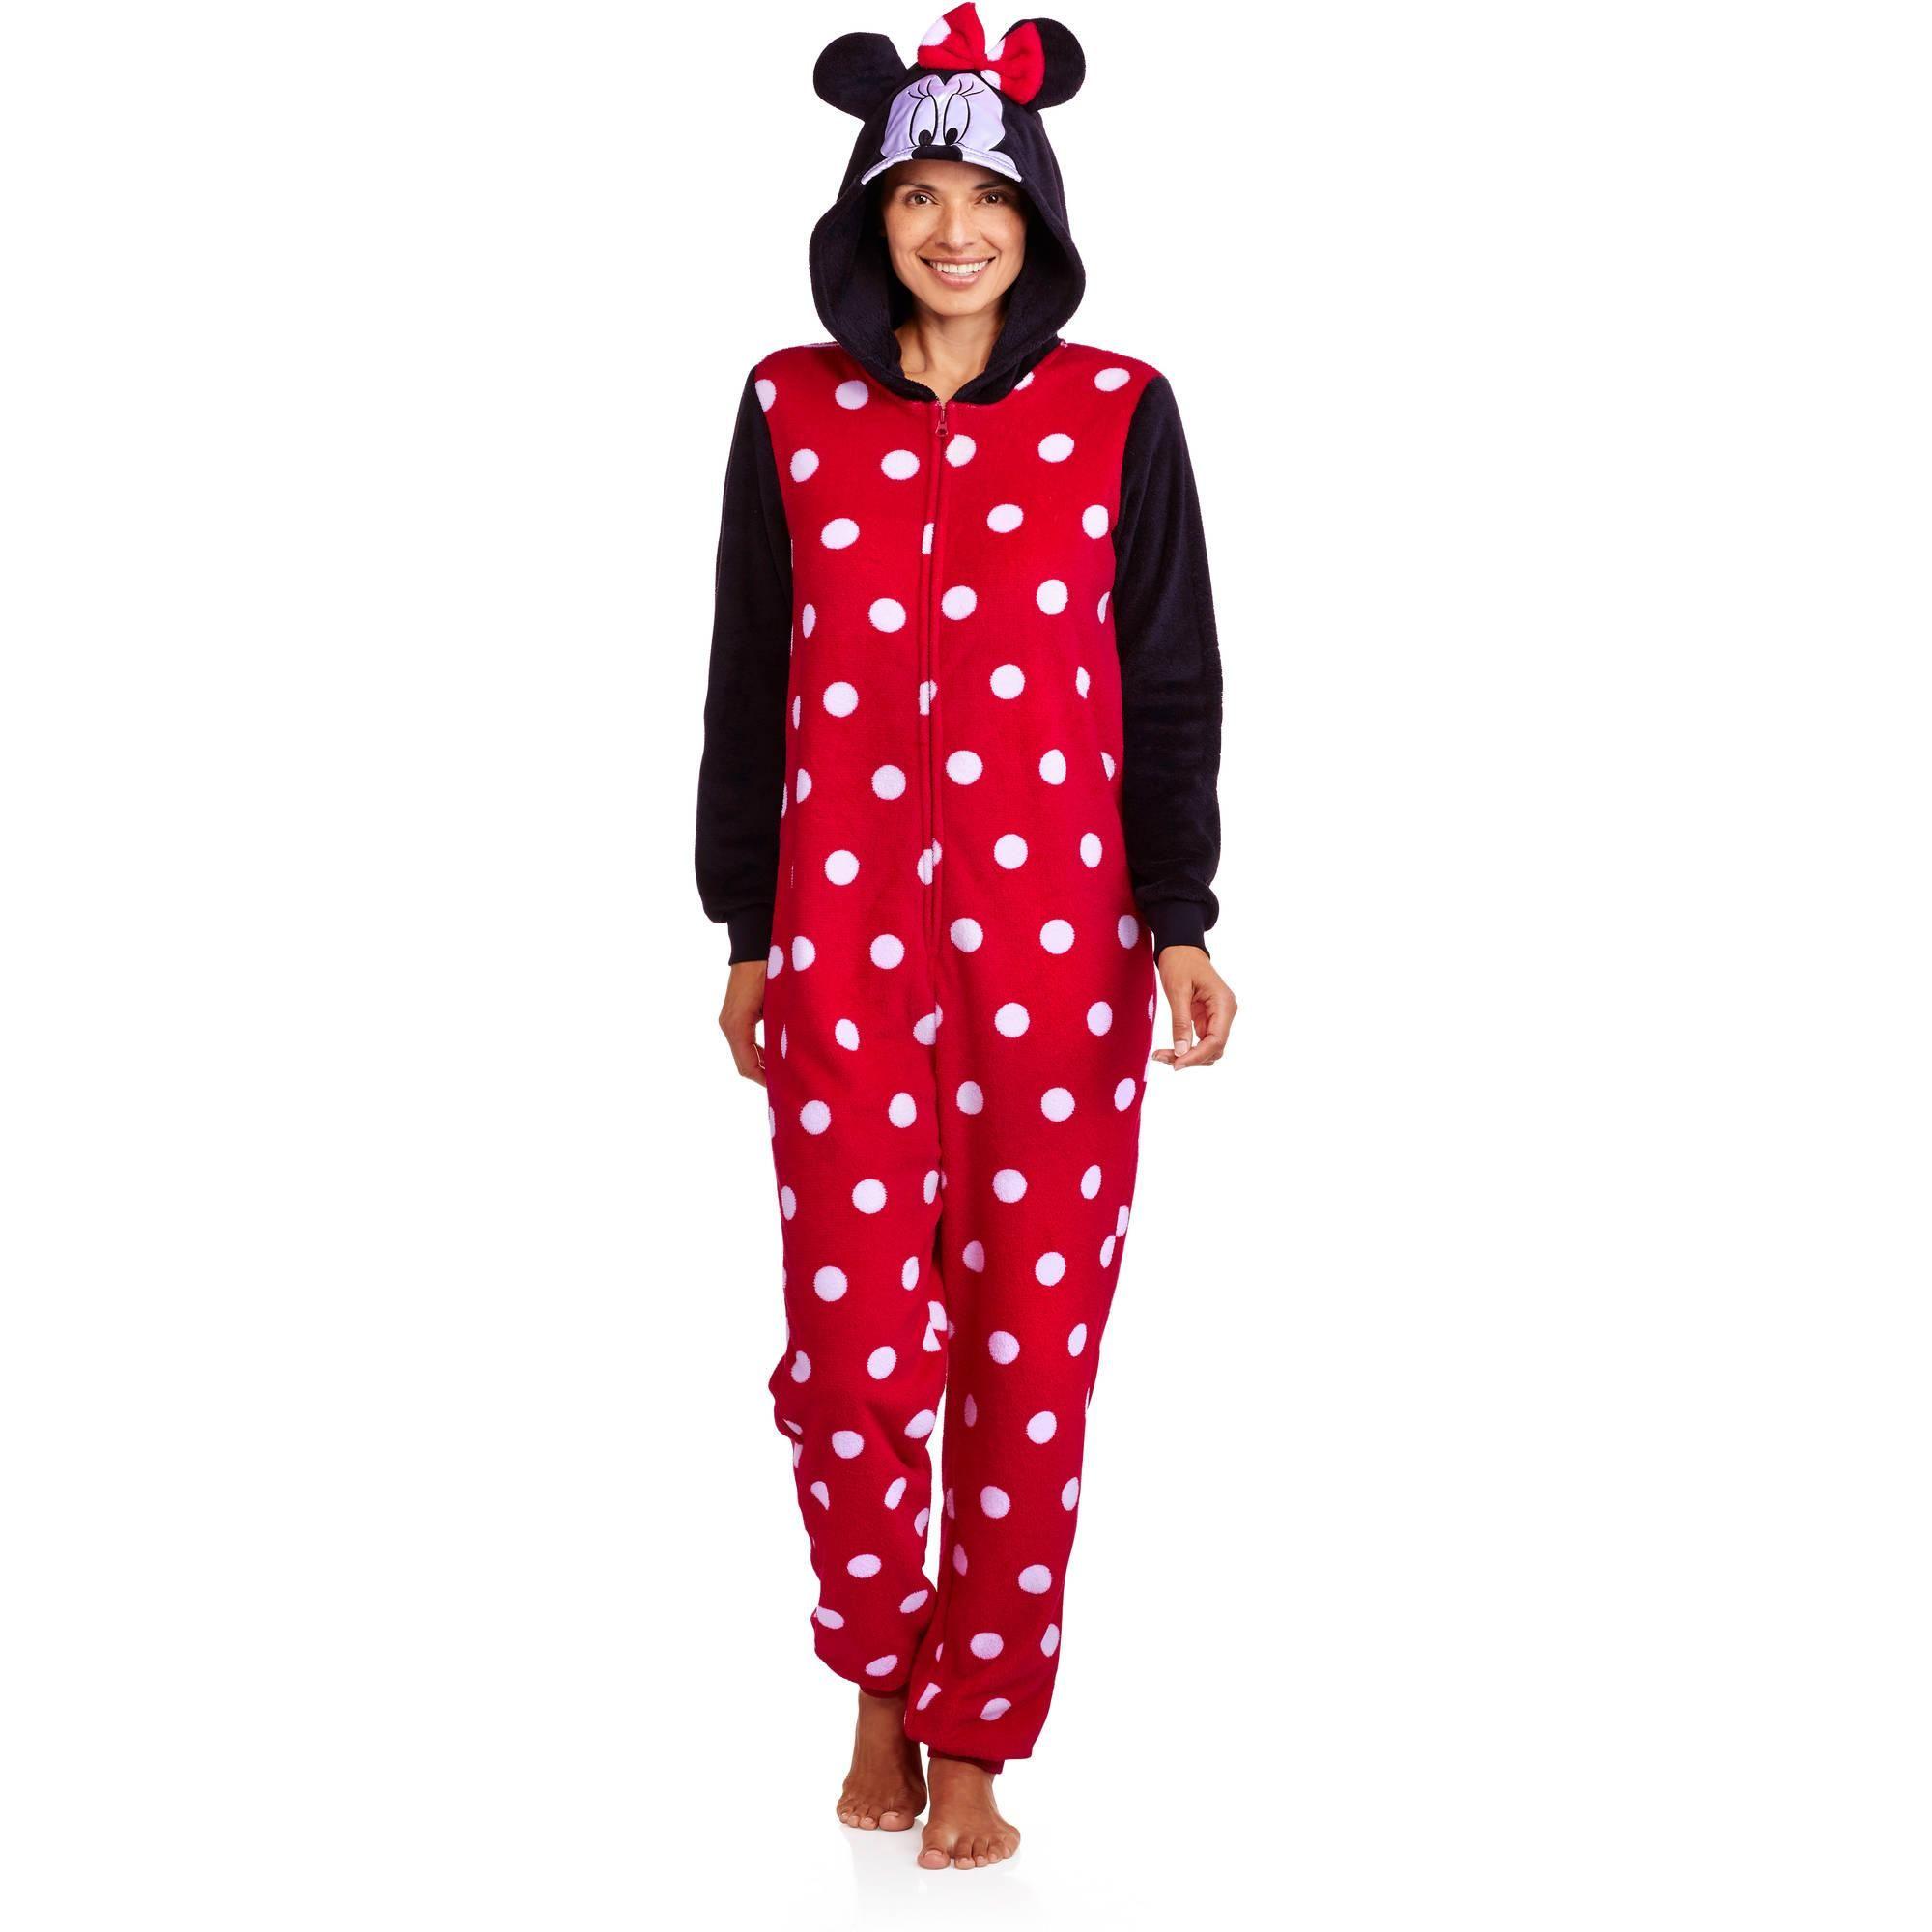 Minnie Mouse Women's One Piece PJ One